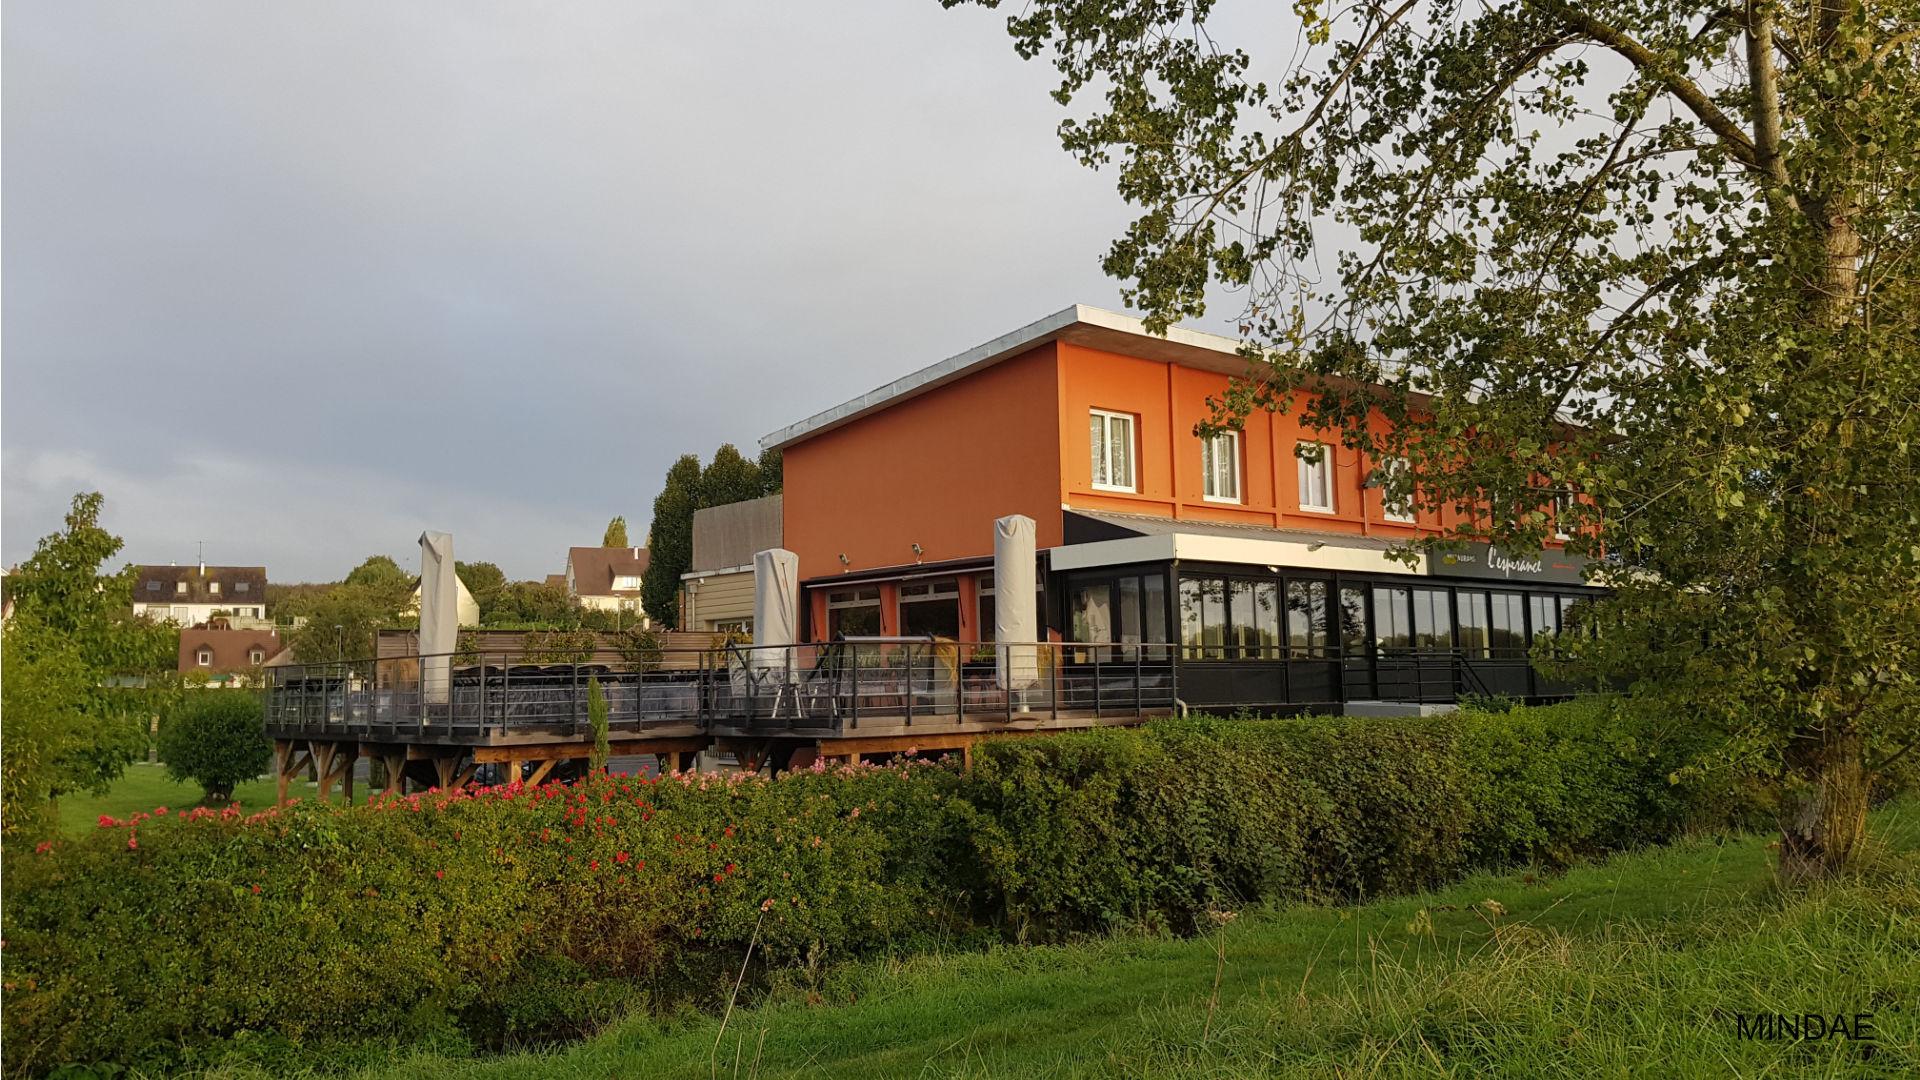 MINDAE_GPAL_Pergola_pilotis_terrasse_restaurant_carbone_orne_herouville_chef (1)